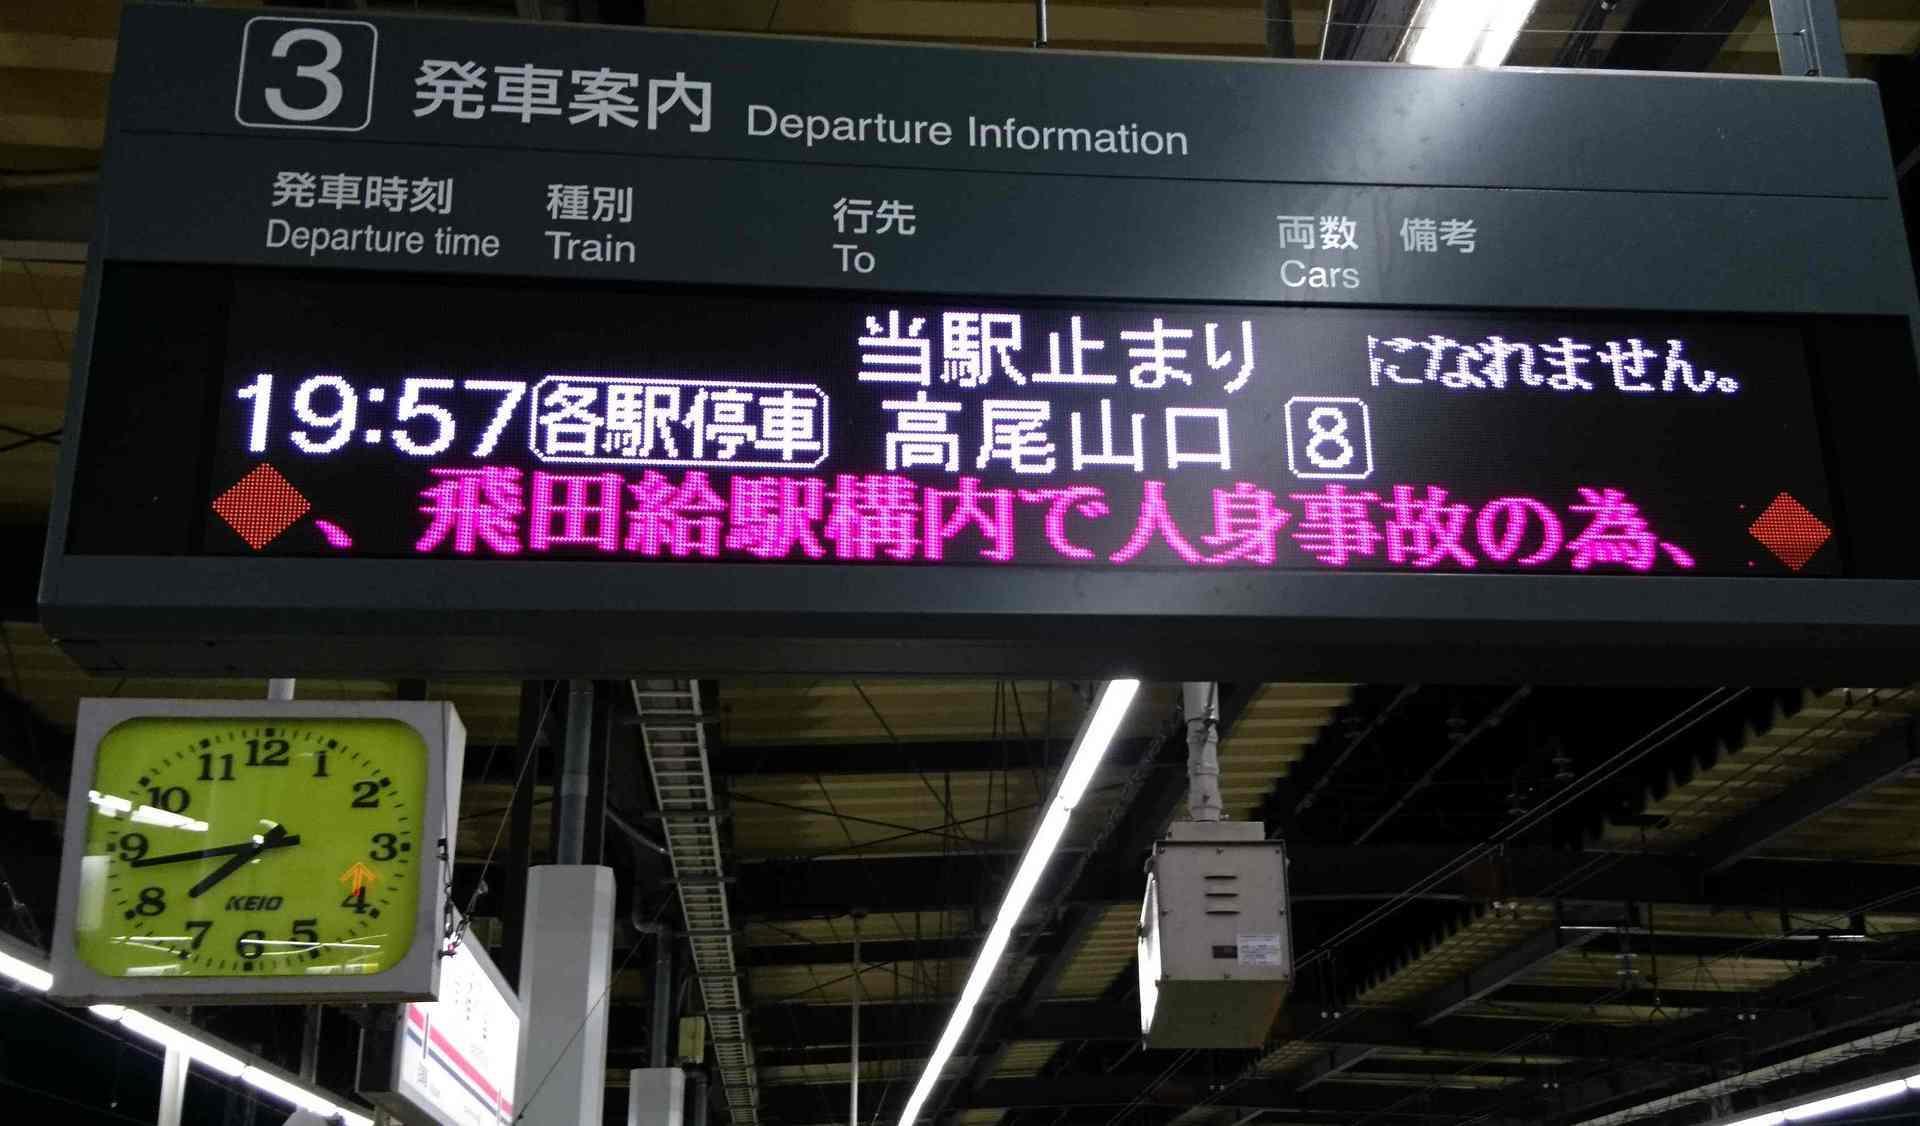 No1016 ホーム行先案内 「運転見合わせ」に英文表記: 京王線 井の頭線 ...